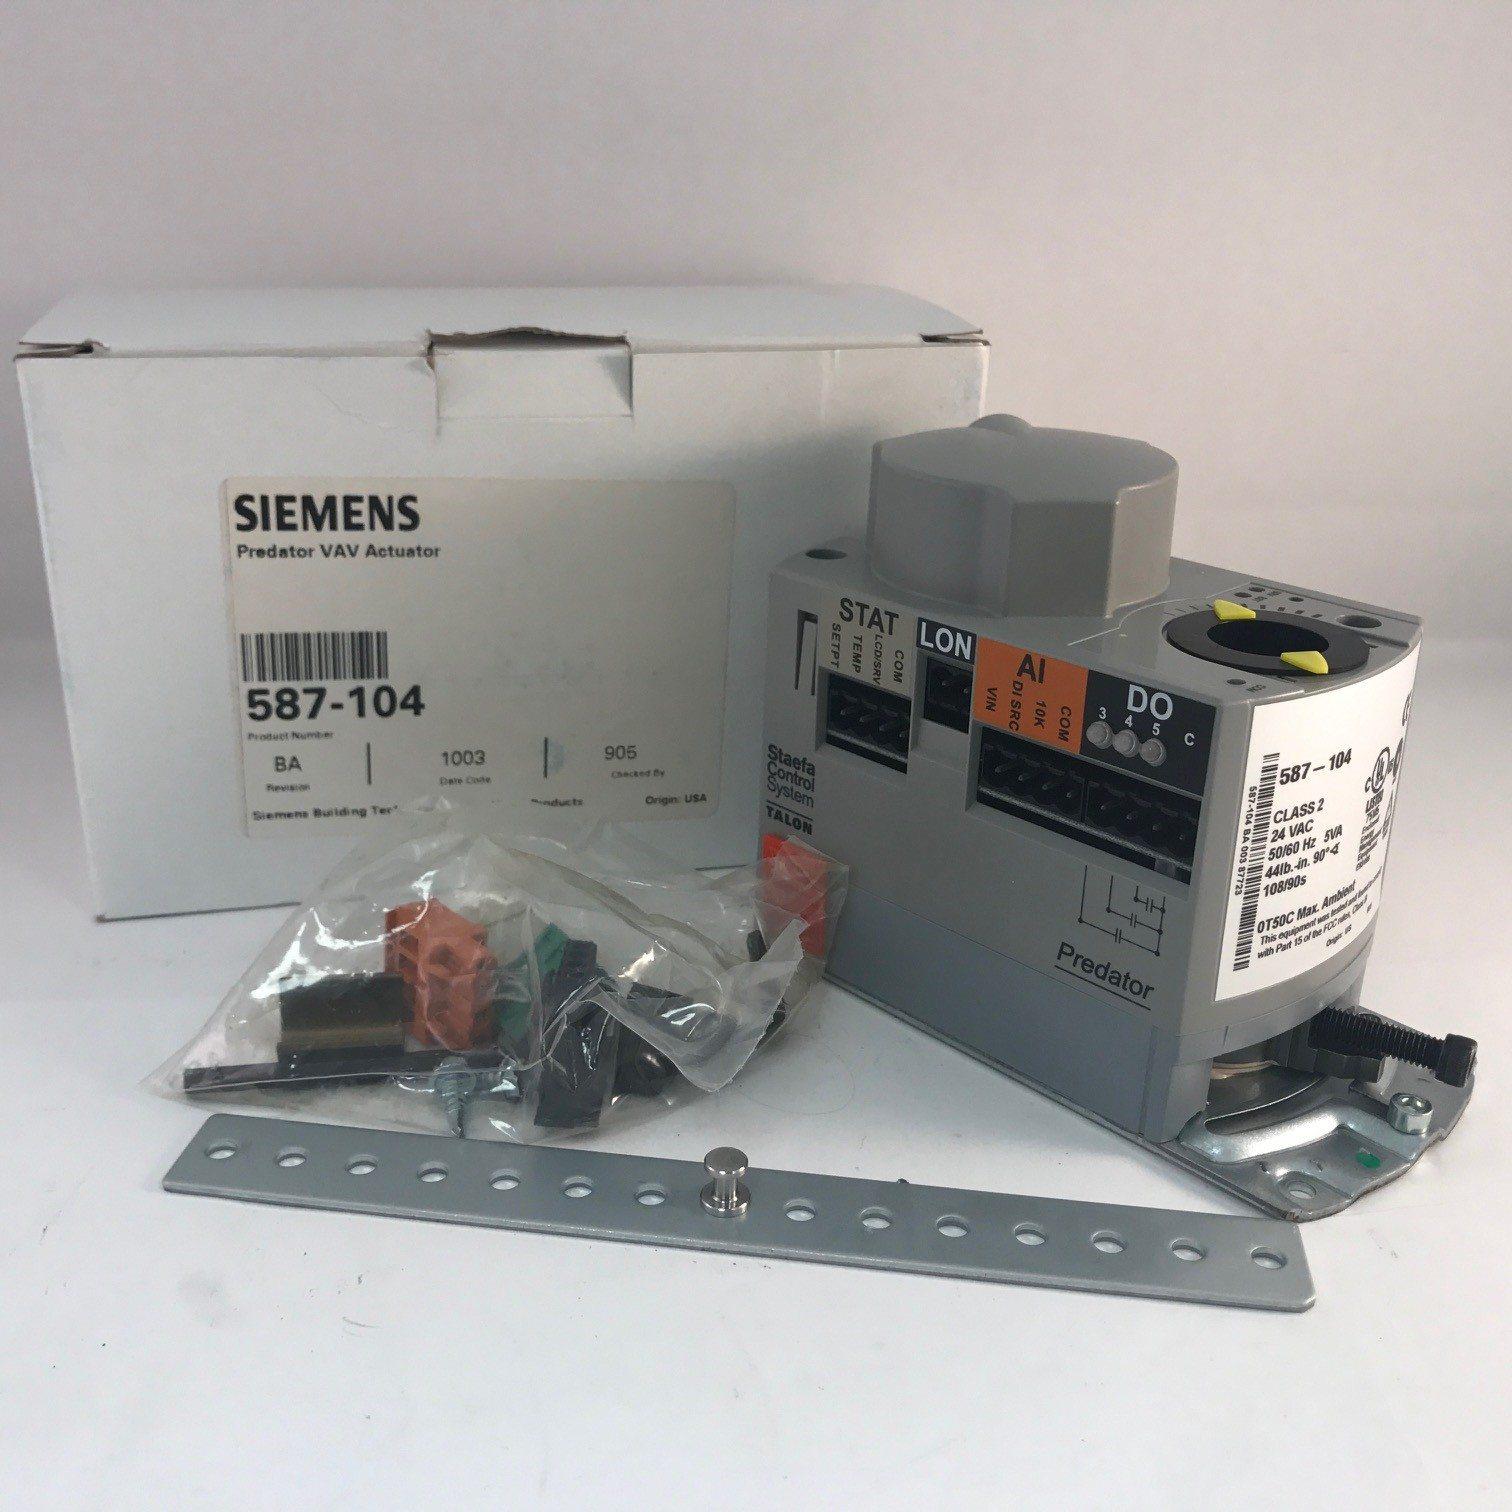 Siemens 587-104 Predator VAV Actuator